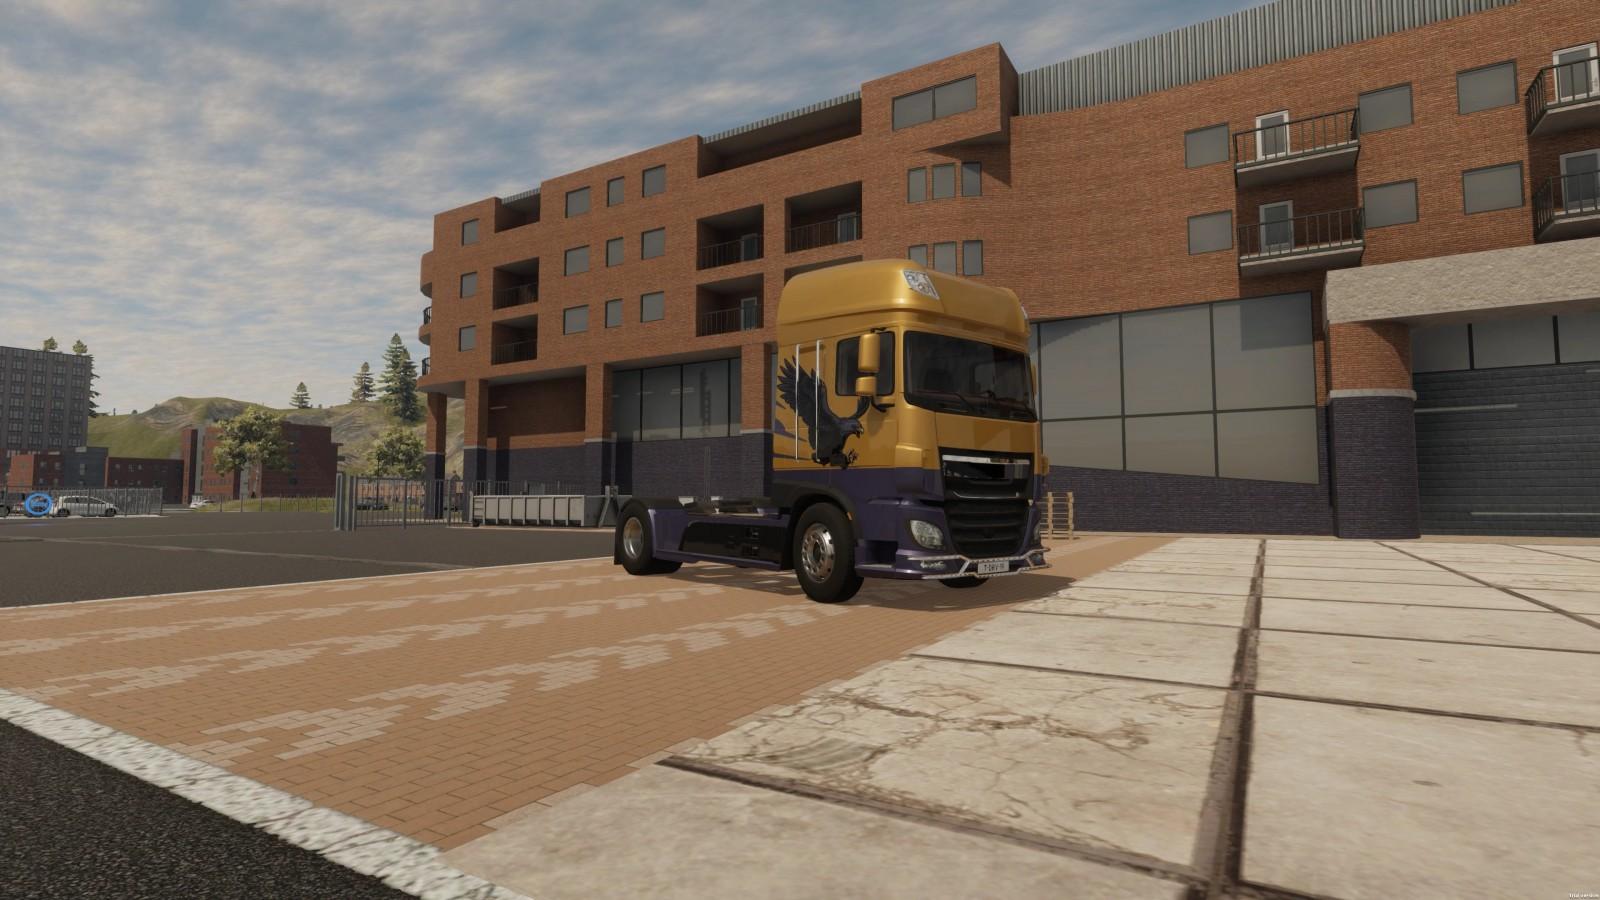 Truck Driver Premium Edition llega el 30 de septiembre a PS5 y Xbox Series S/X 2